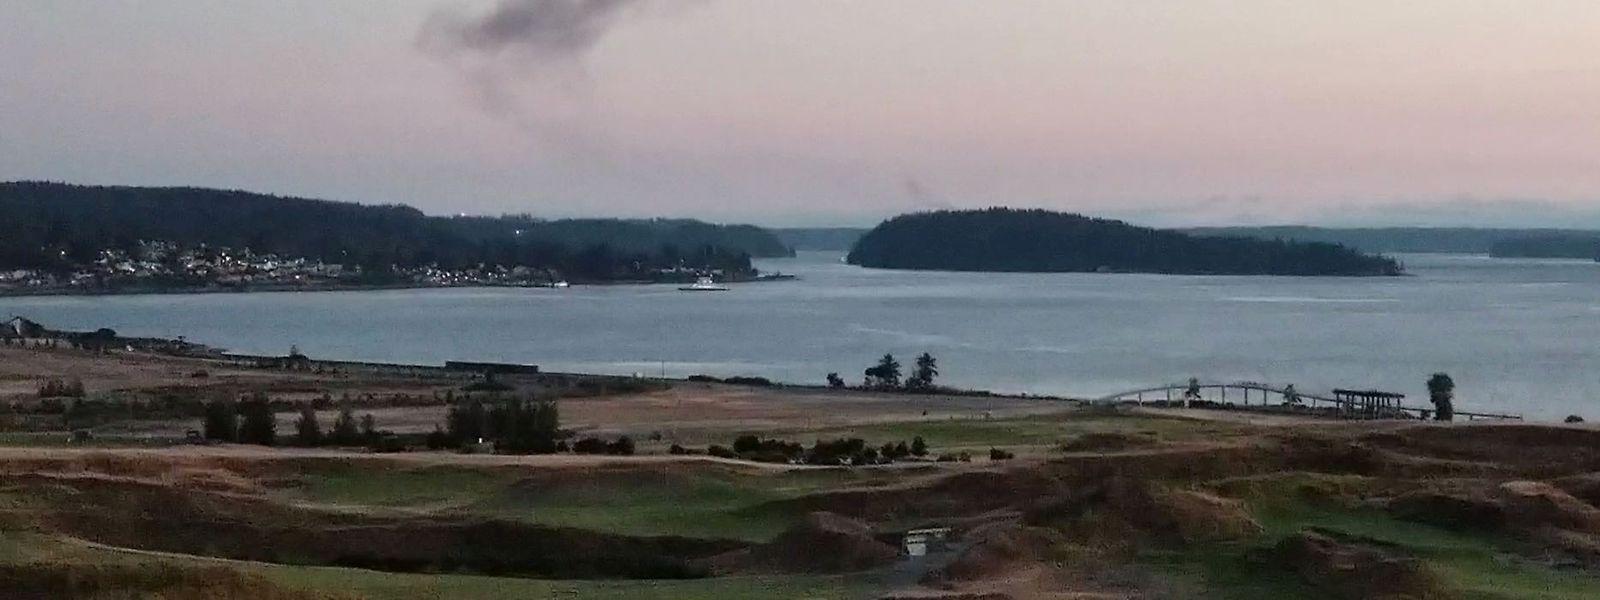 Nachdem der Mann das Flugzeug gestohlen hatte, ließ er die Maschine auf die wenig bevölkerte Insel Ketron südlich von Seattle abstürzen.